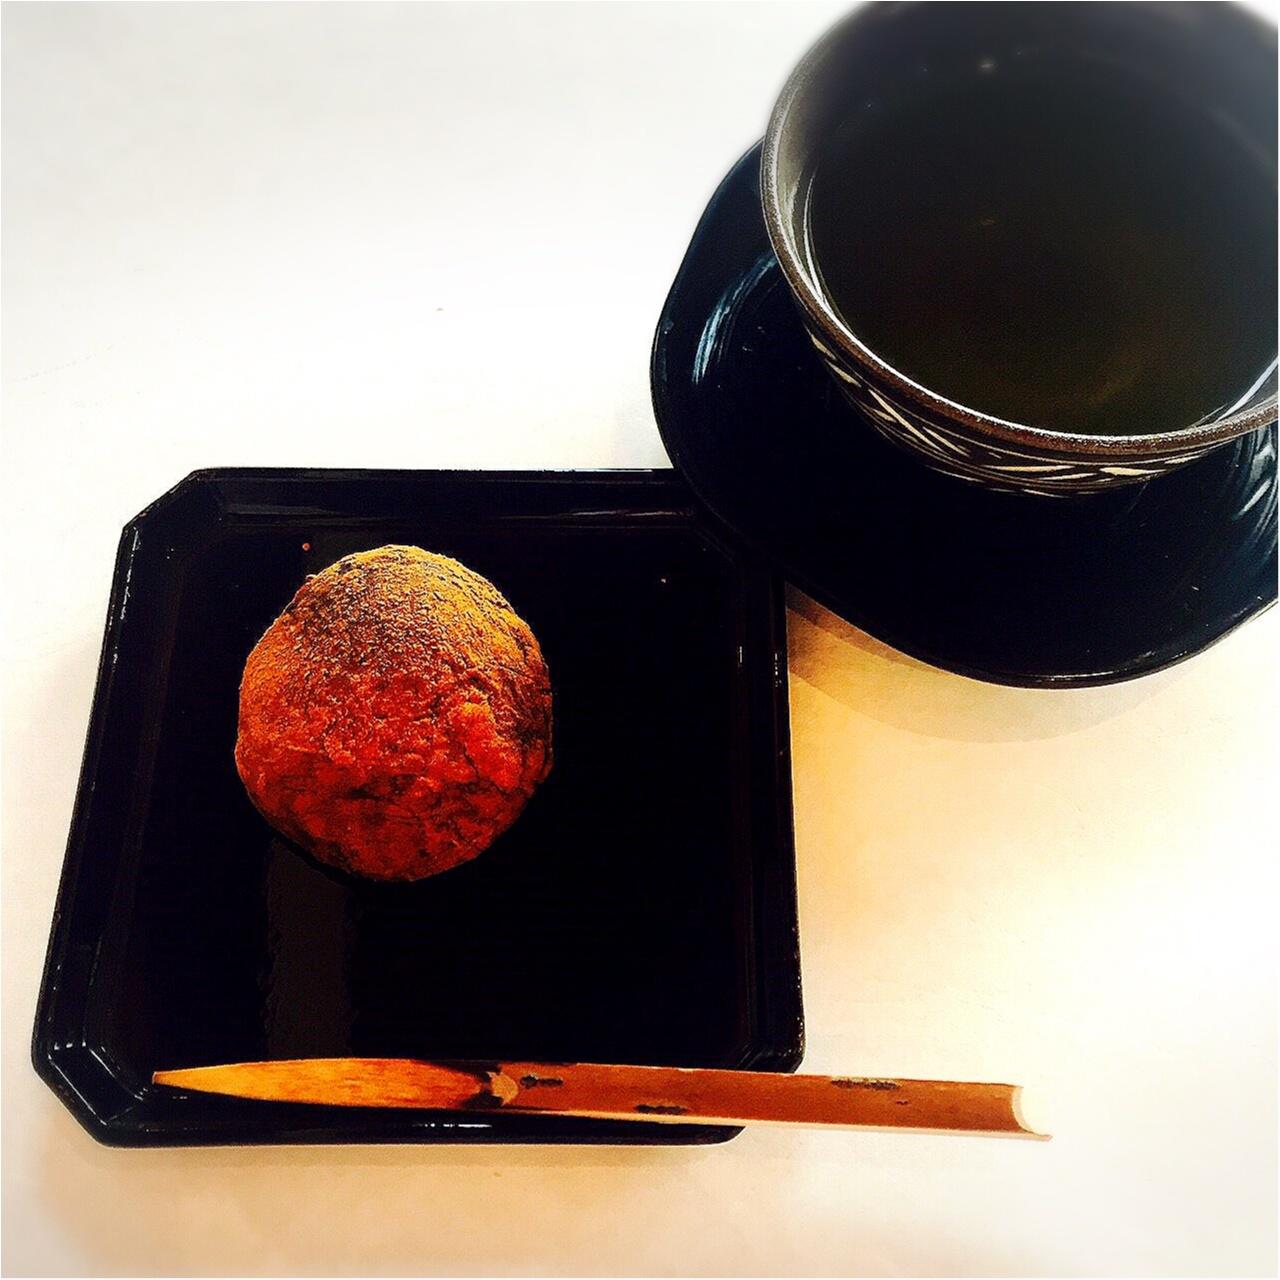 京都・祇園で味わえる!可愛すぎるお寿司♡『祇をん 豆寅』がおすすめです♡_11